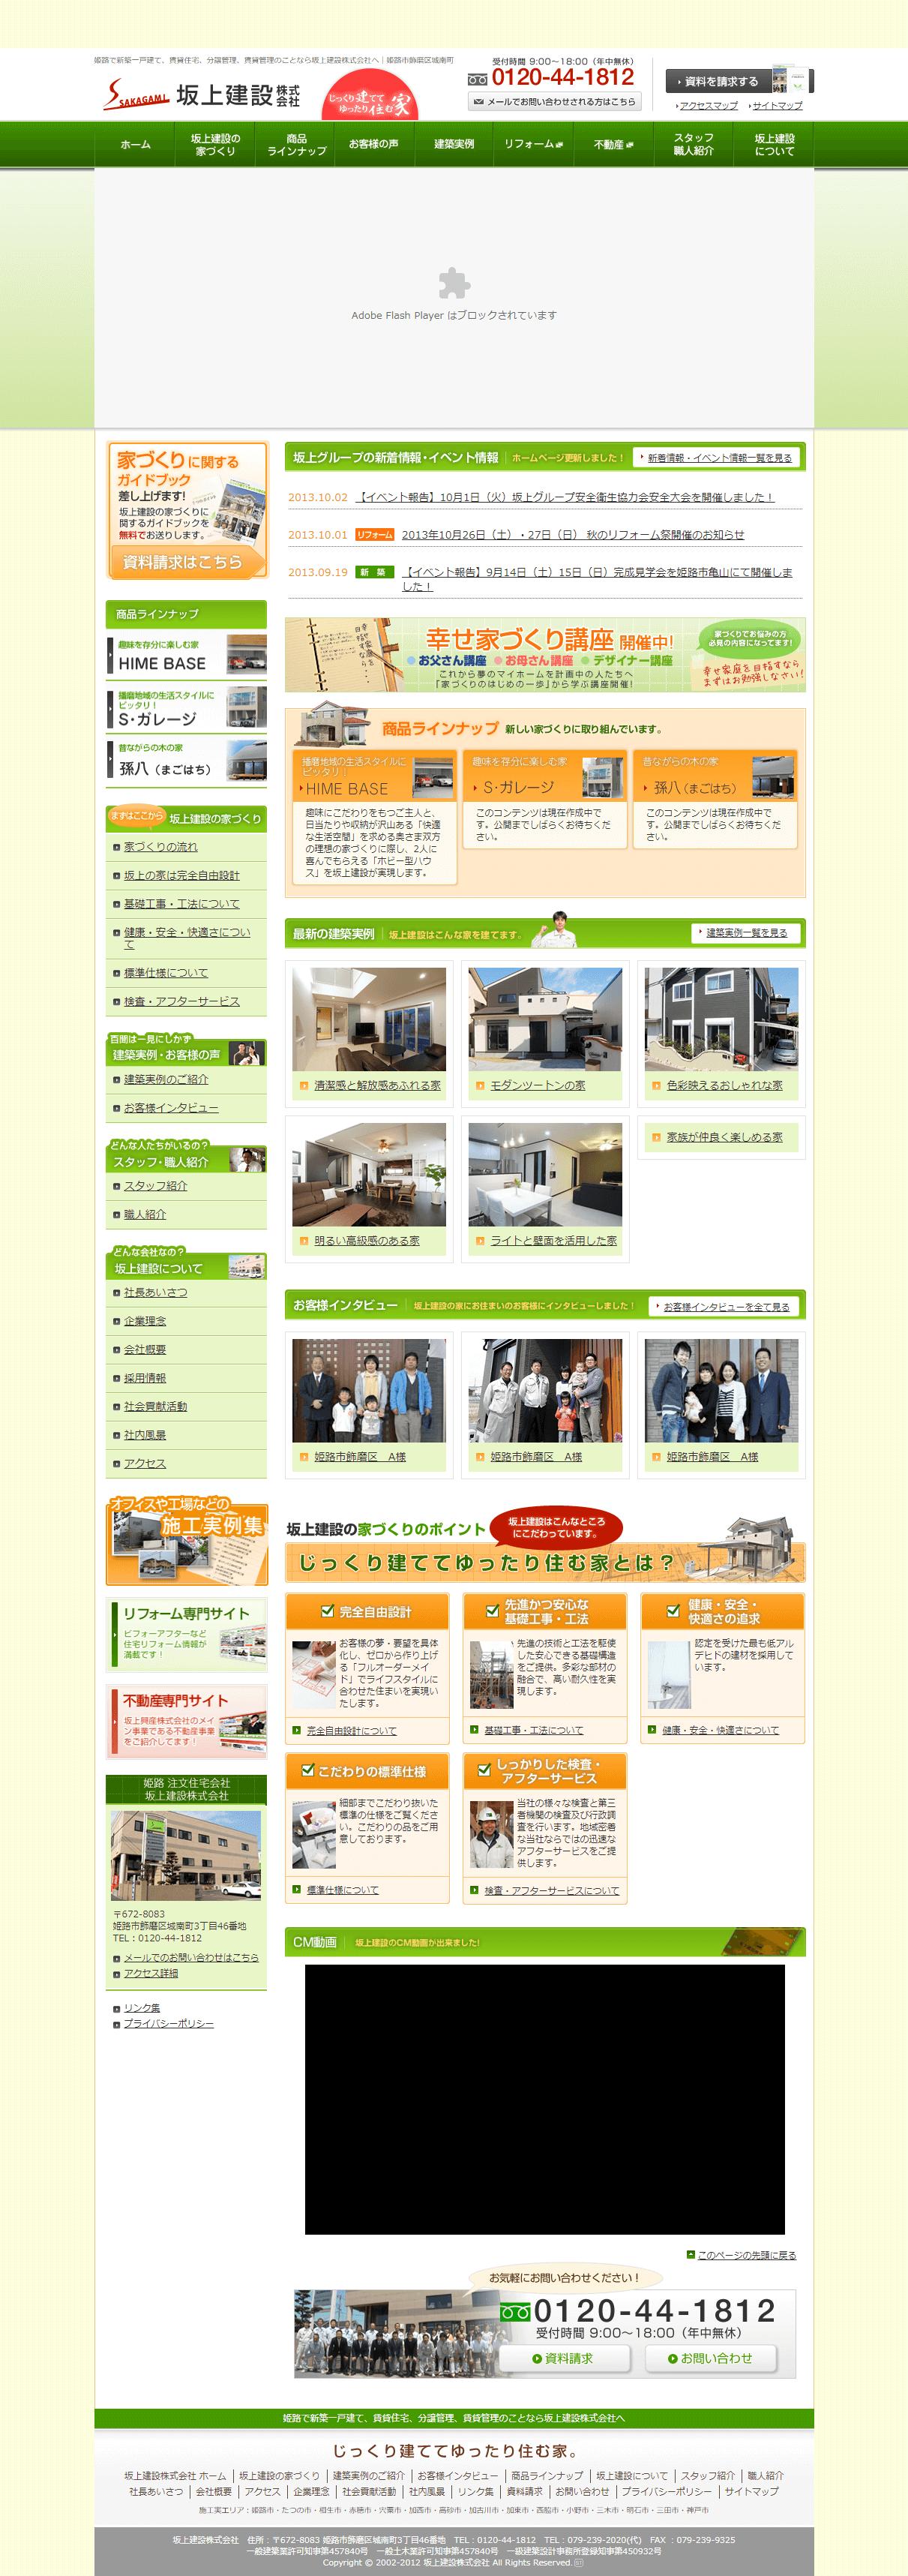 旧サイト:姫路市 坂上建設株式会社 ホームページ制作